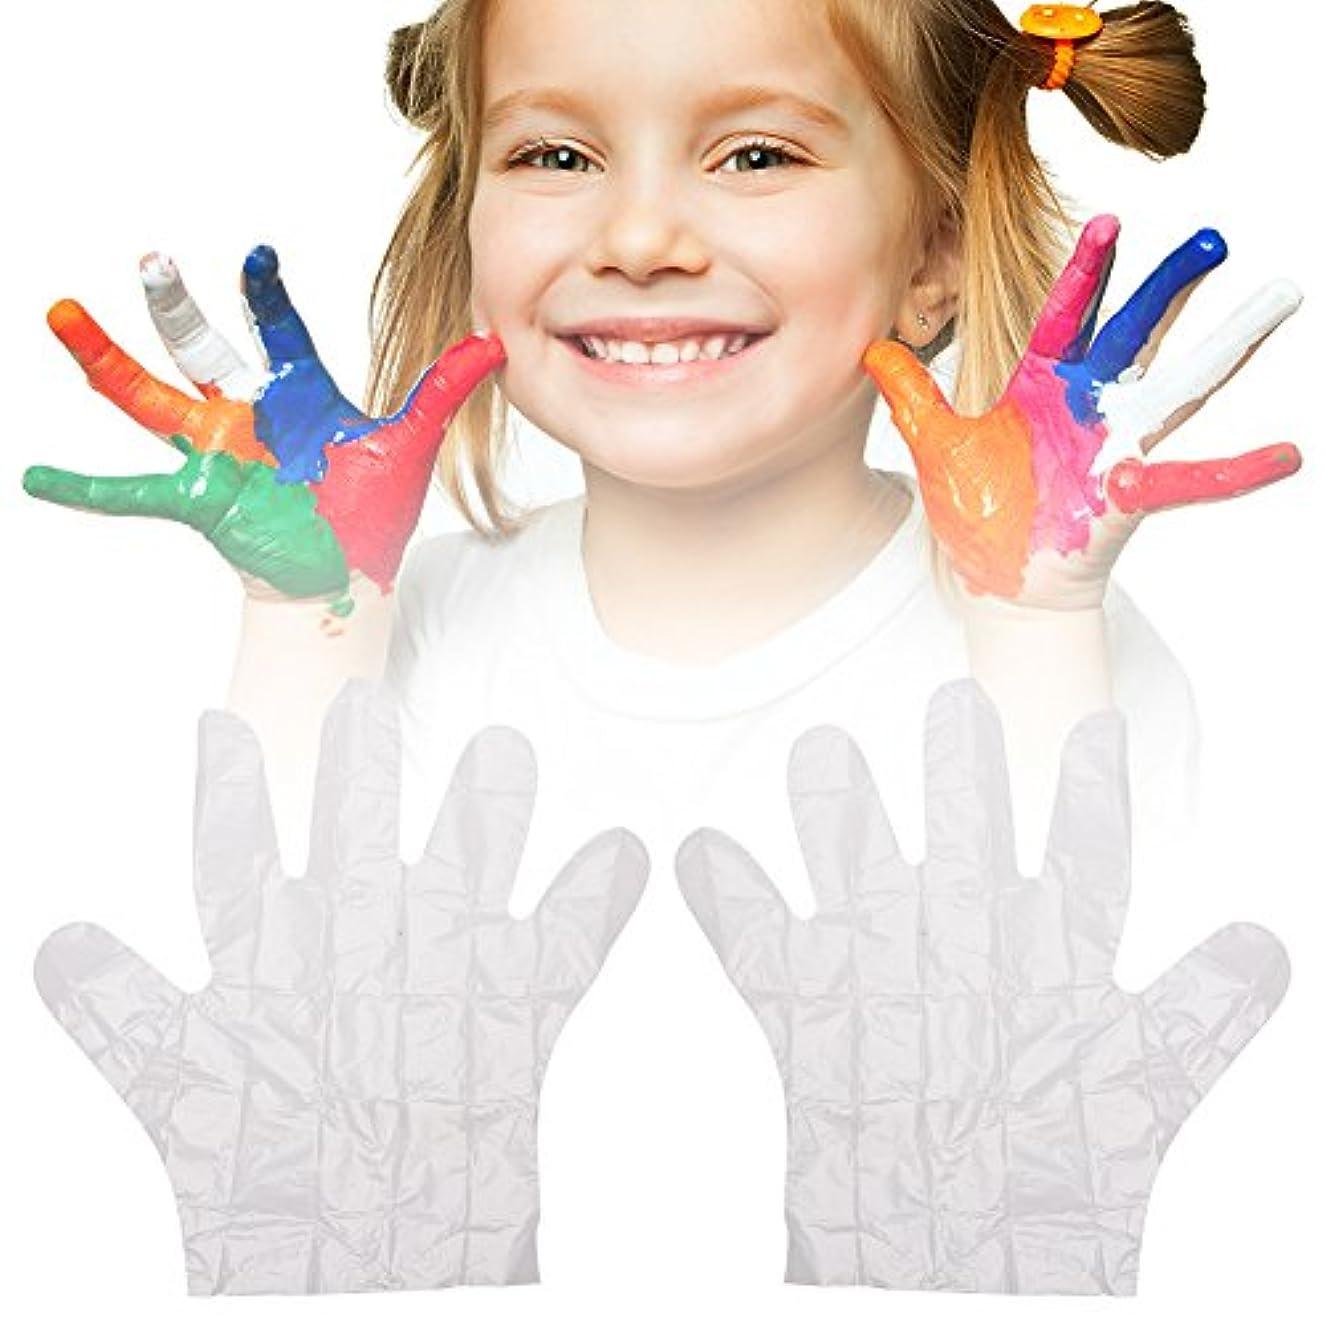 必要ない民兵叱る卓仕朗 手袋使い捨て 子供用 使い捨て手袋 キッズ専用 食品 調理 キッチン用品 透明 手袋 200枚